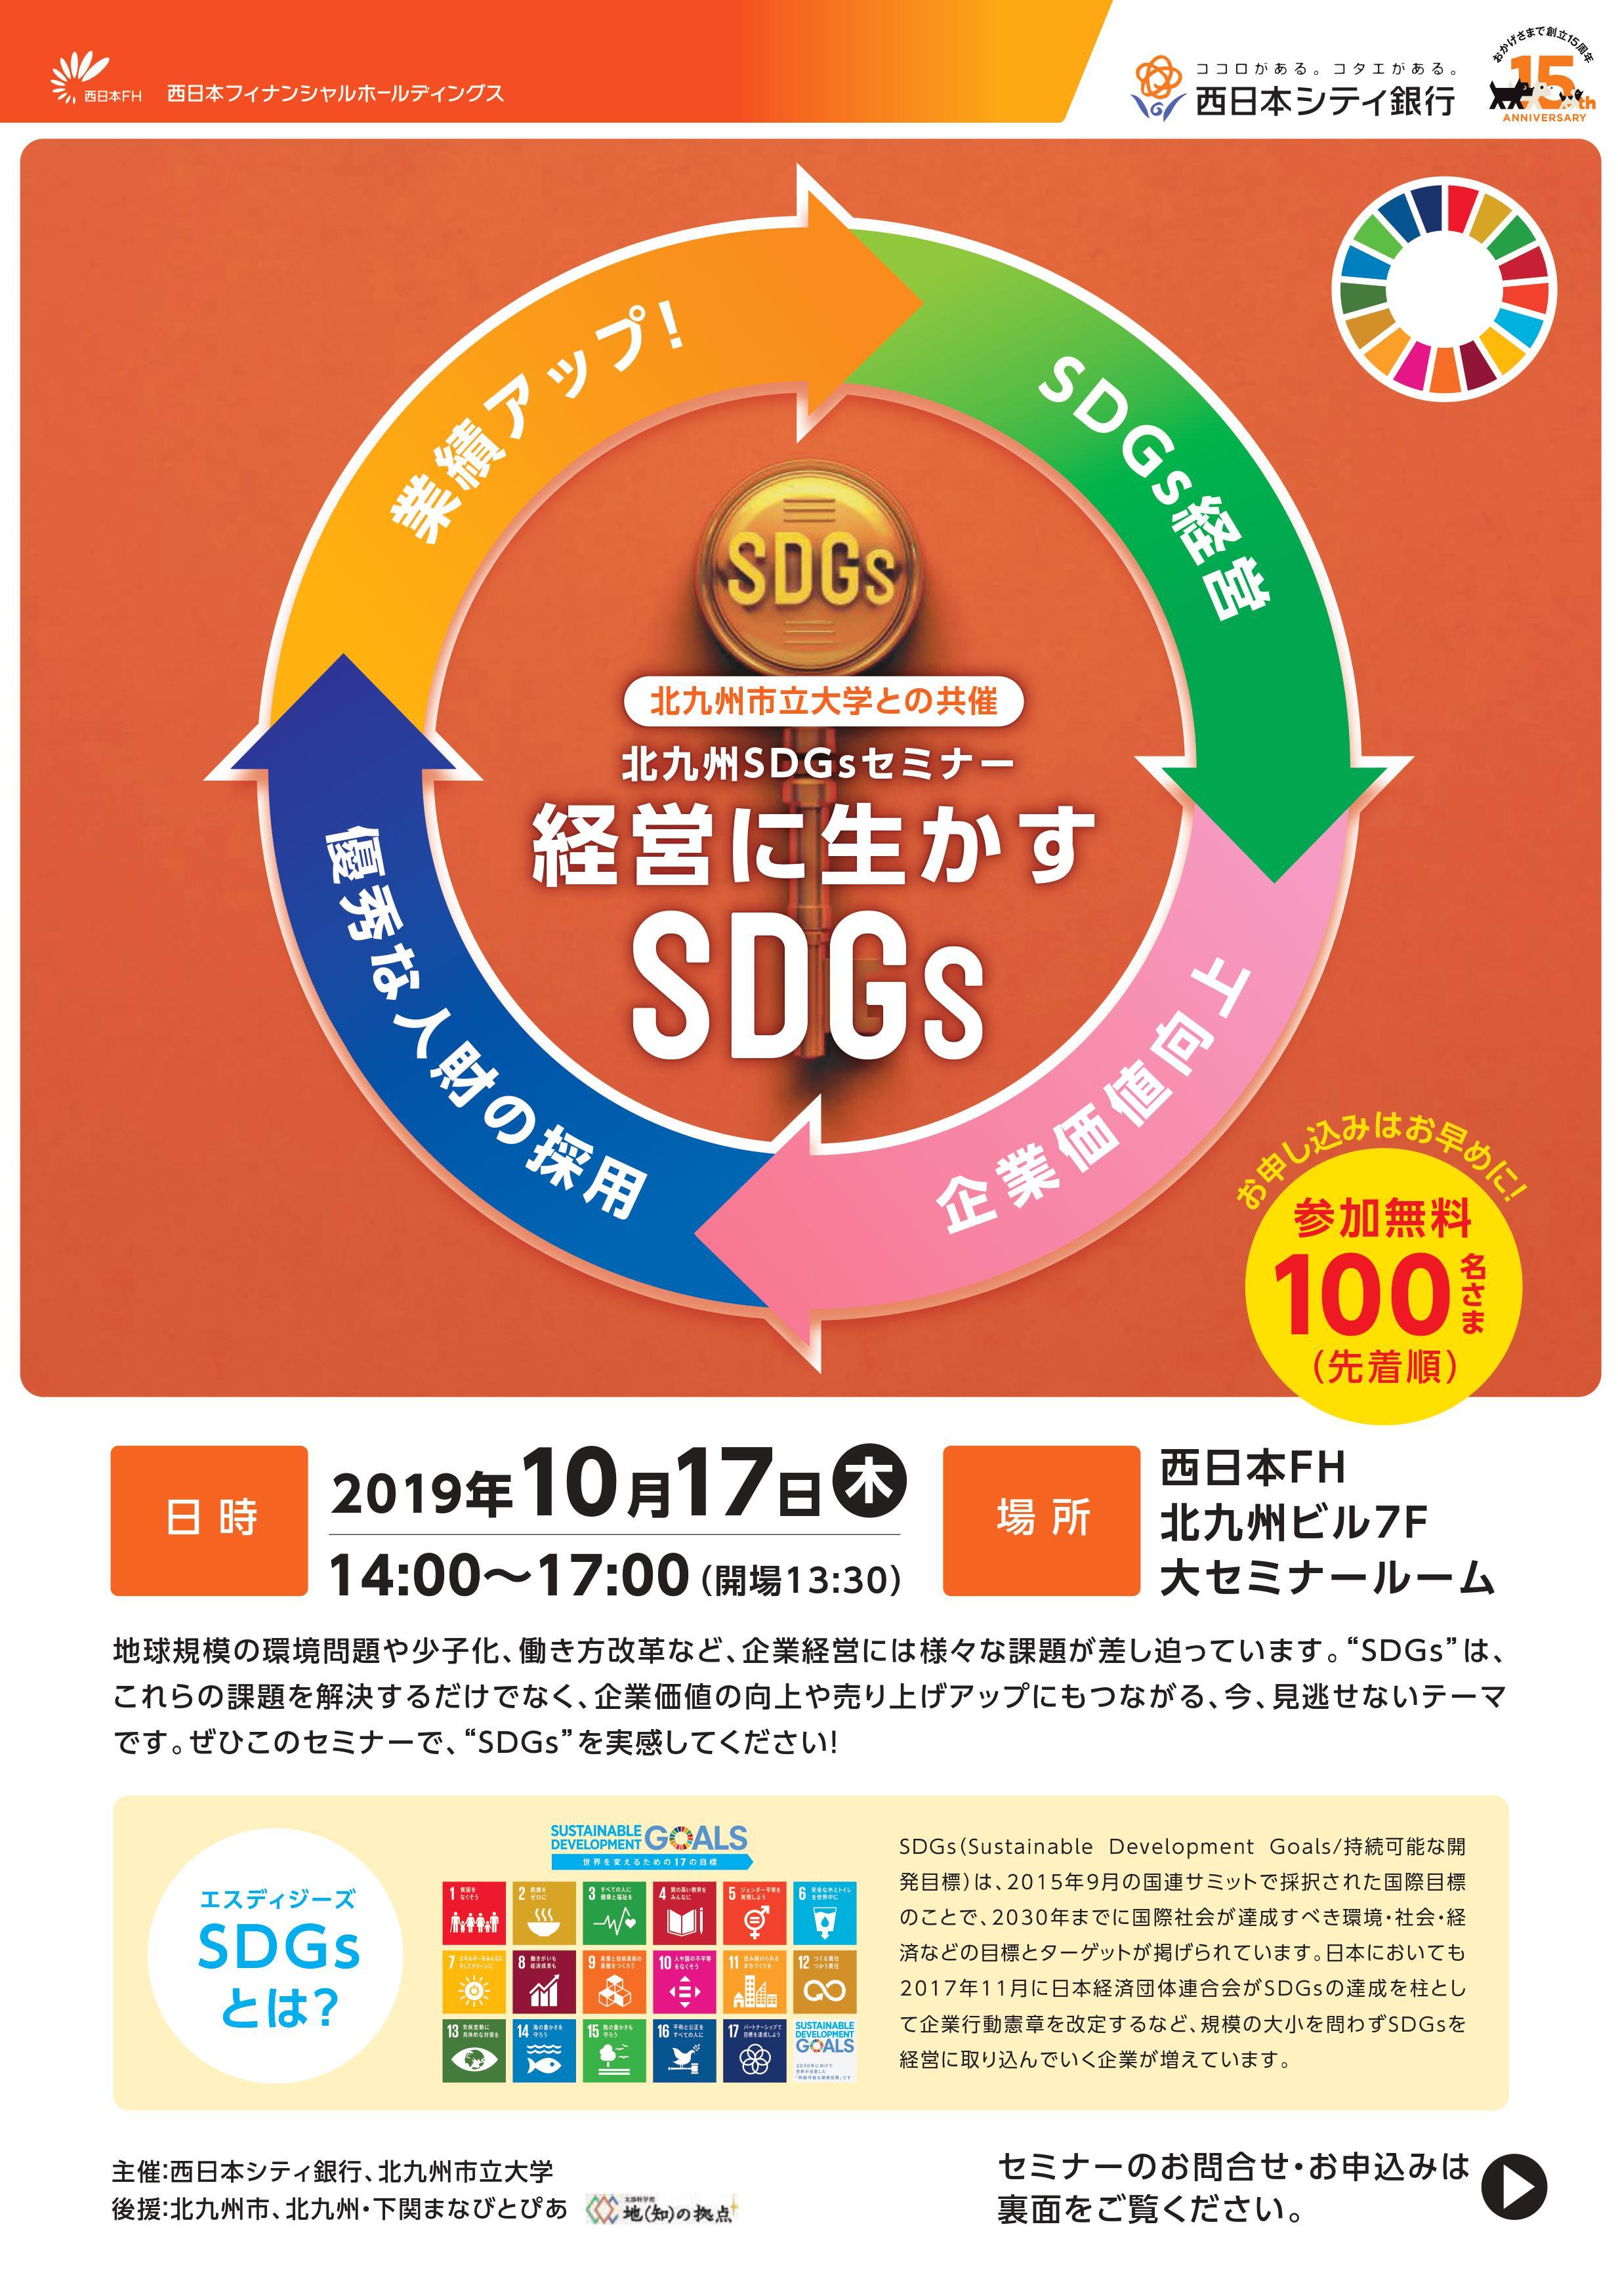 北九州SDGsセミナー経営に生かすSDGs01